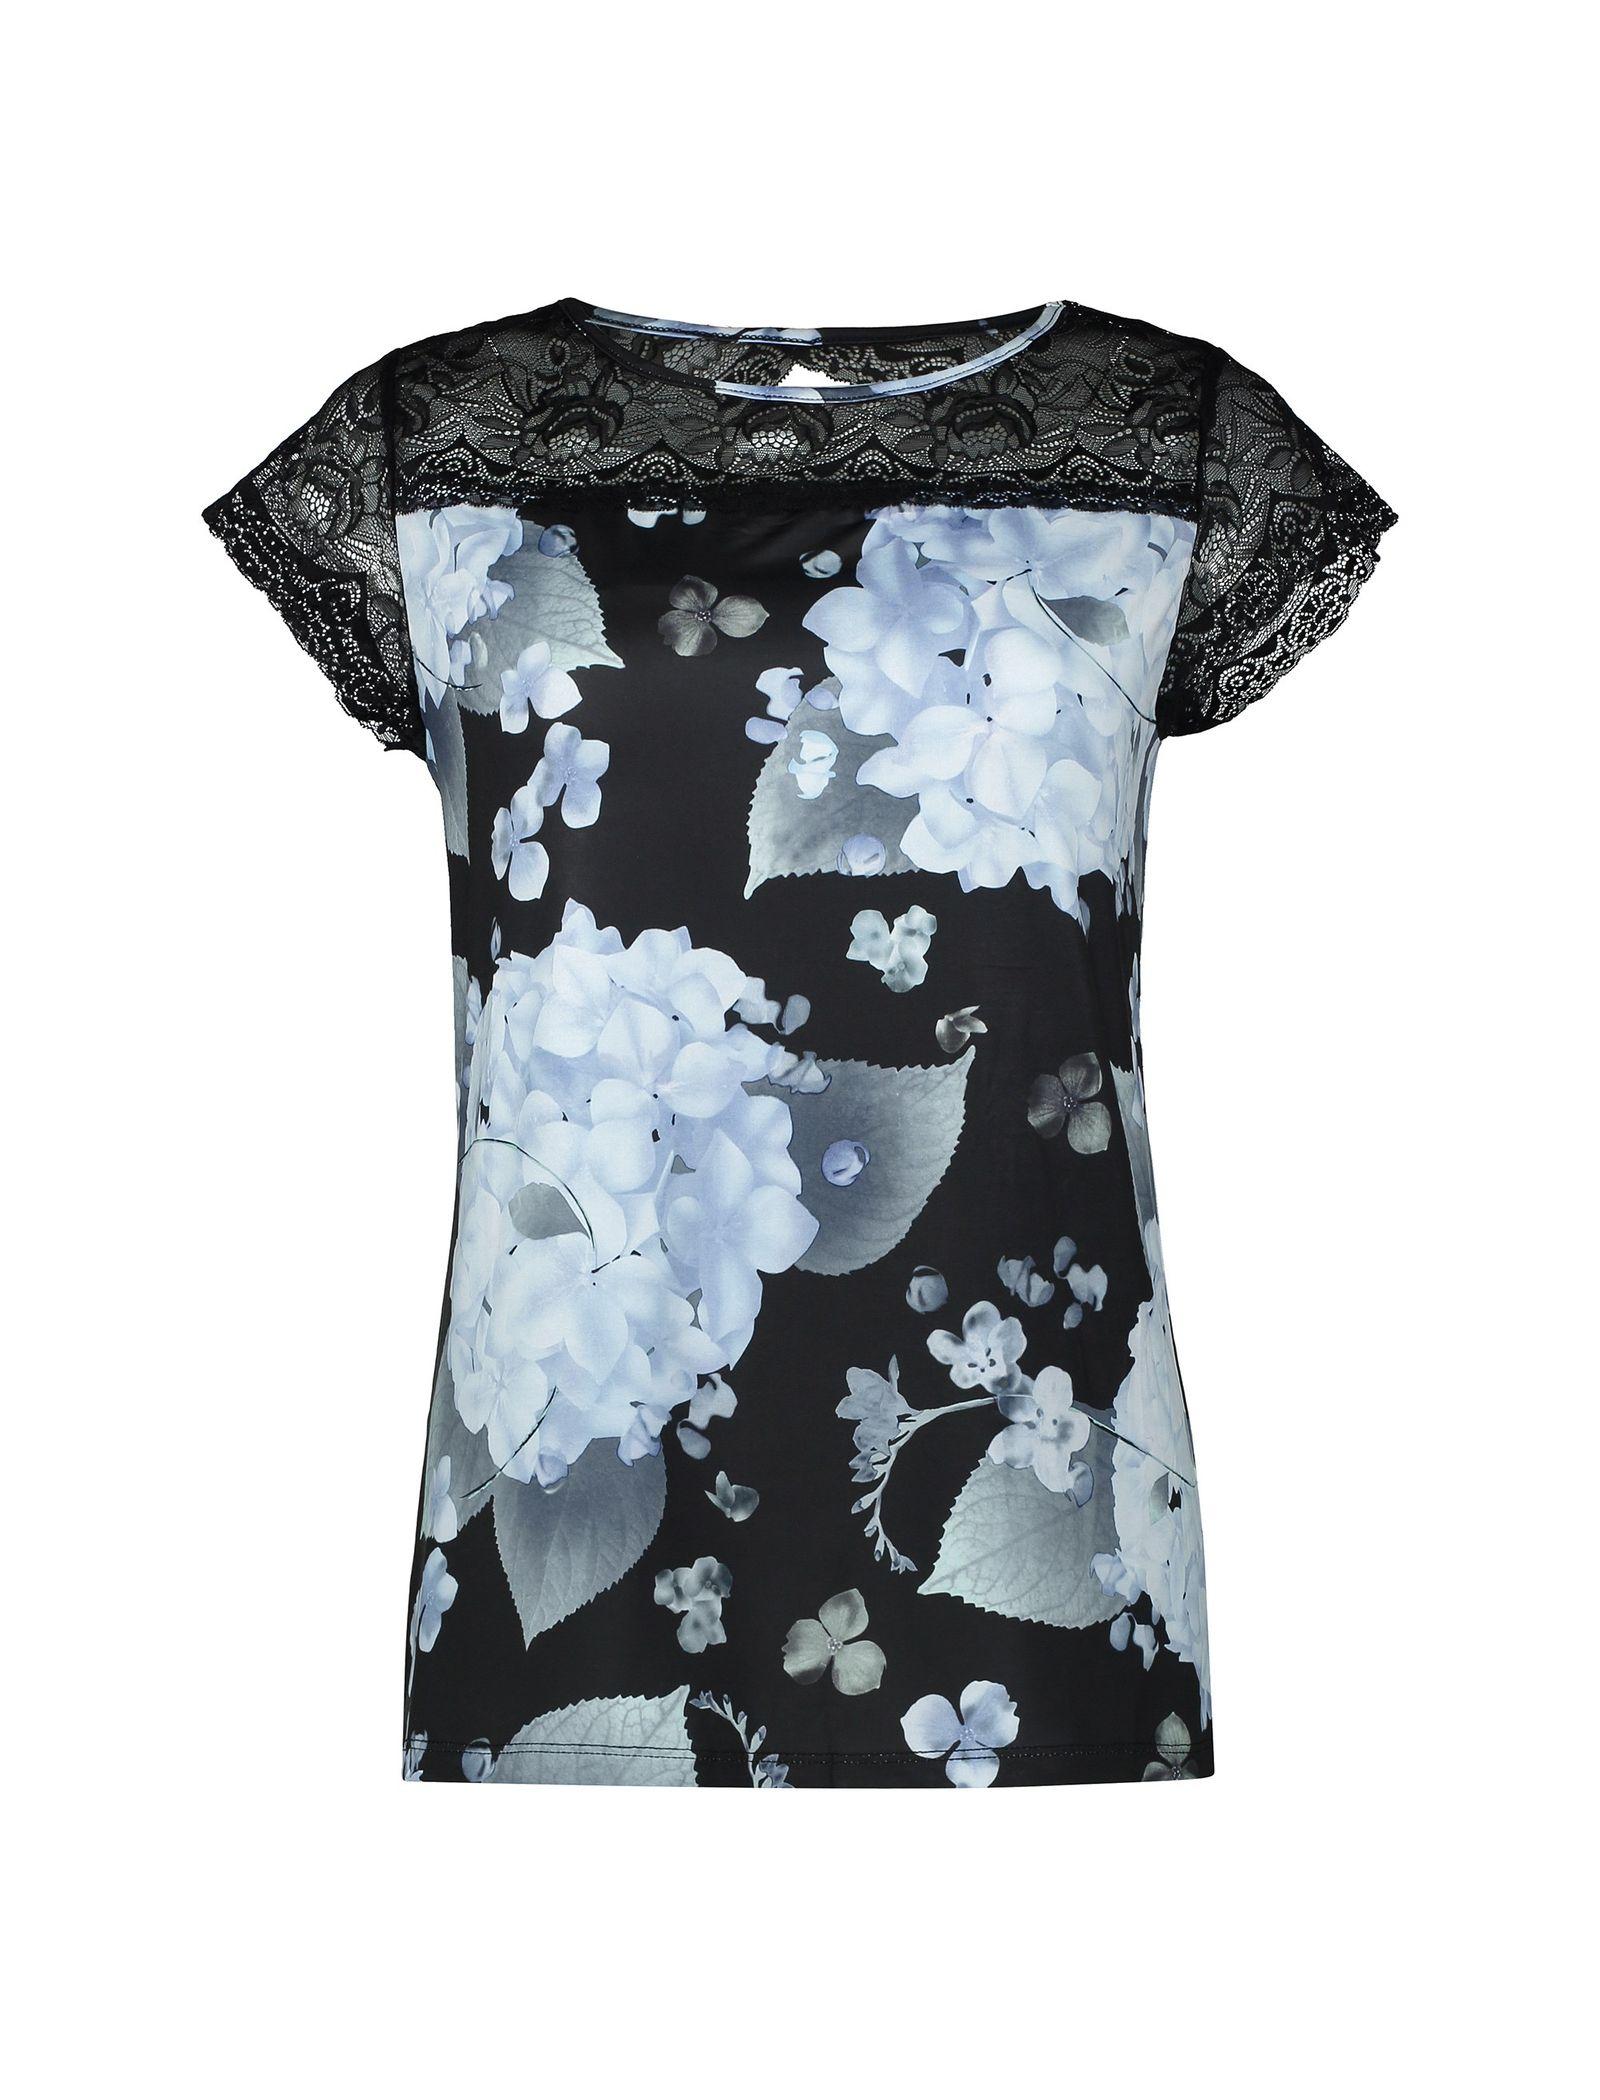 تی شرت راحتی آستین کوتاه زنانه - لاوین رز - آبي و مشکي - 1